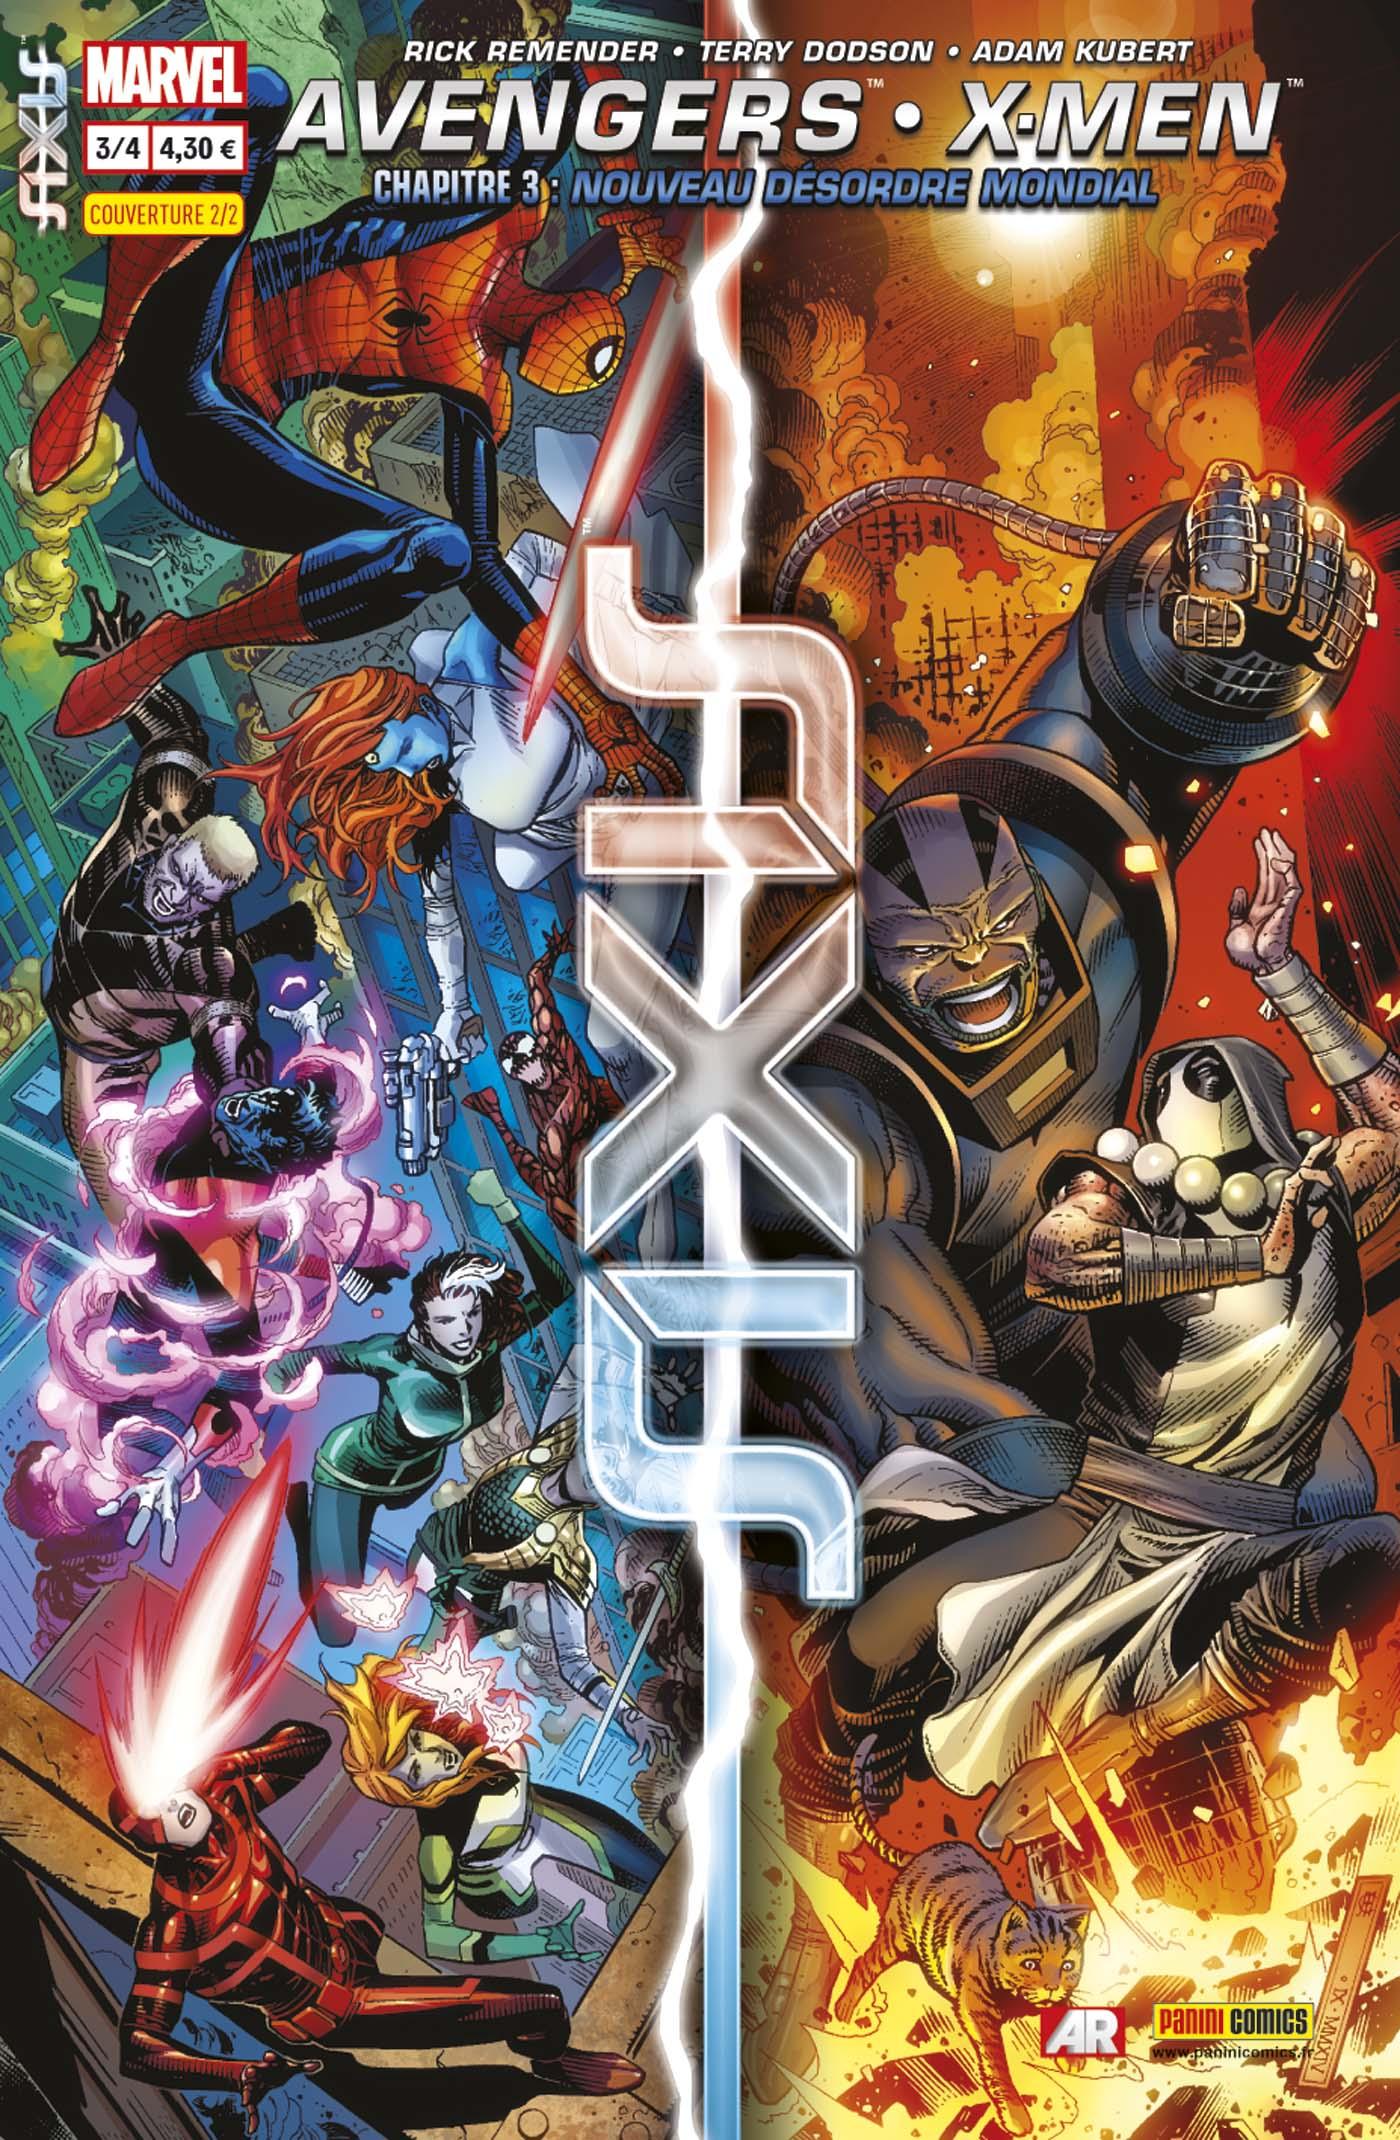 AVENGERS & X-MEN : AXIS 3 (sur 4, couv 2/2)